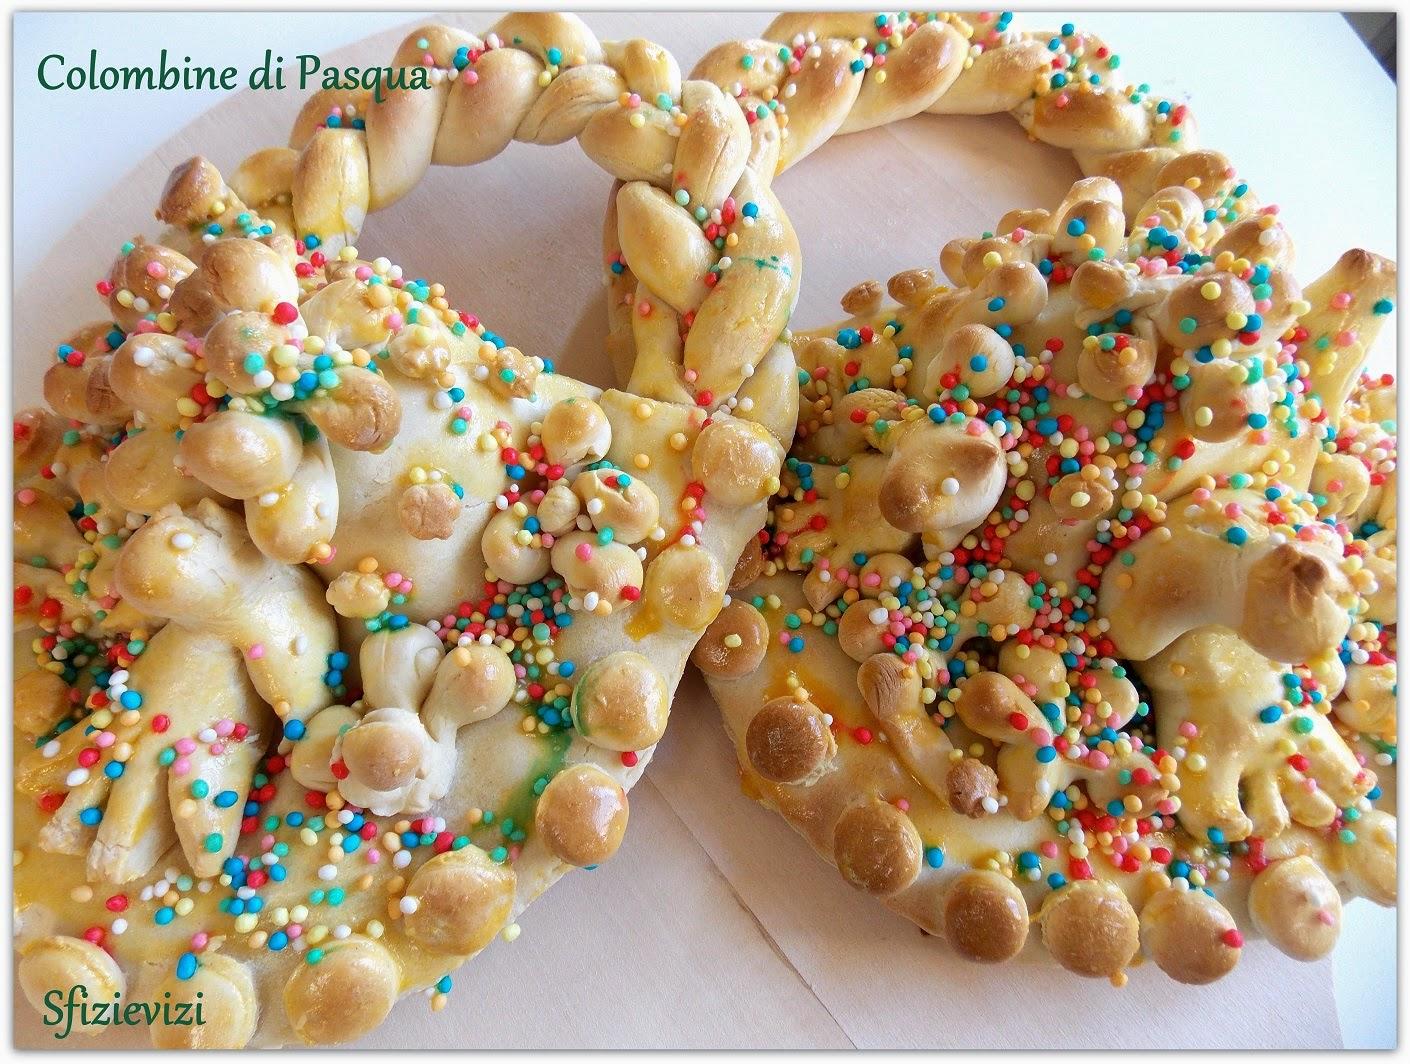 colombine di pasqua: il cake design di un secolo fa per il cestino di pasta di pane dolce e uovo sodo